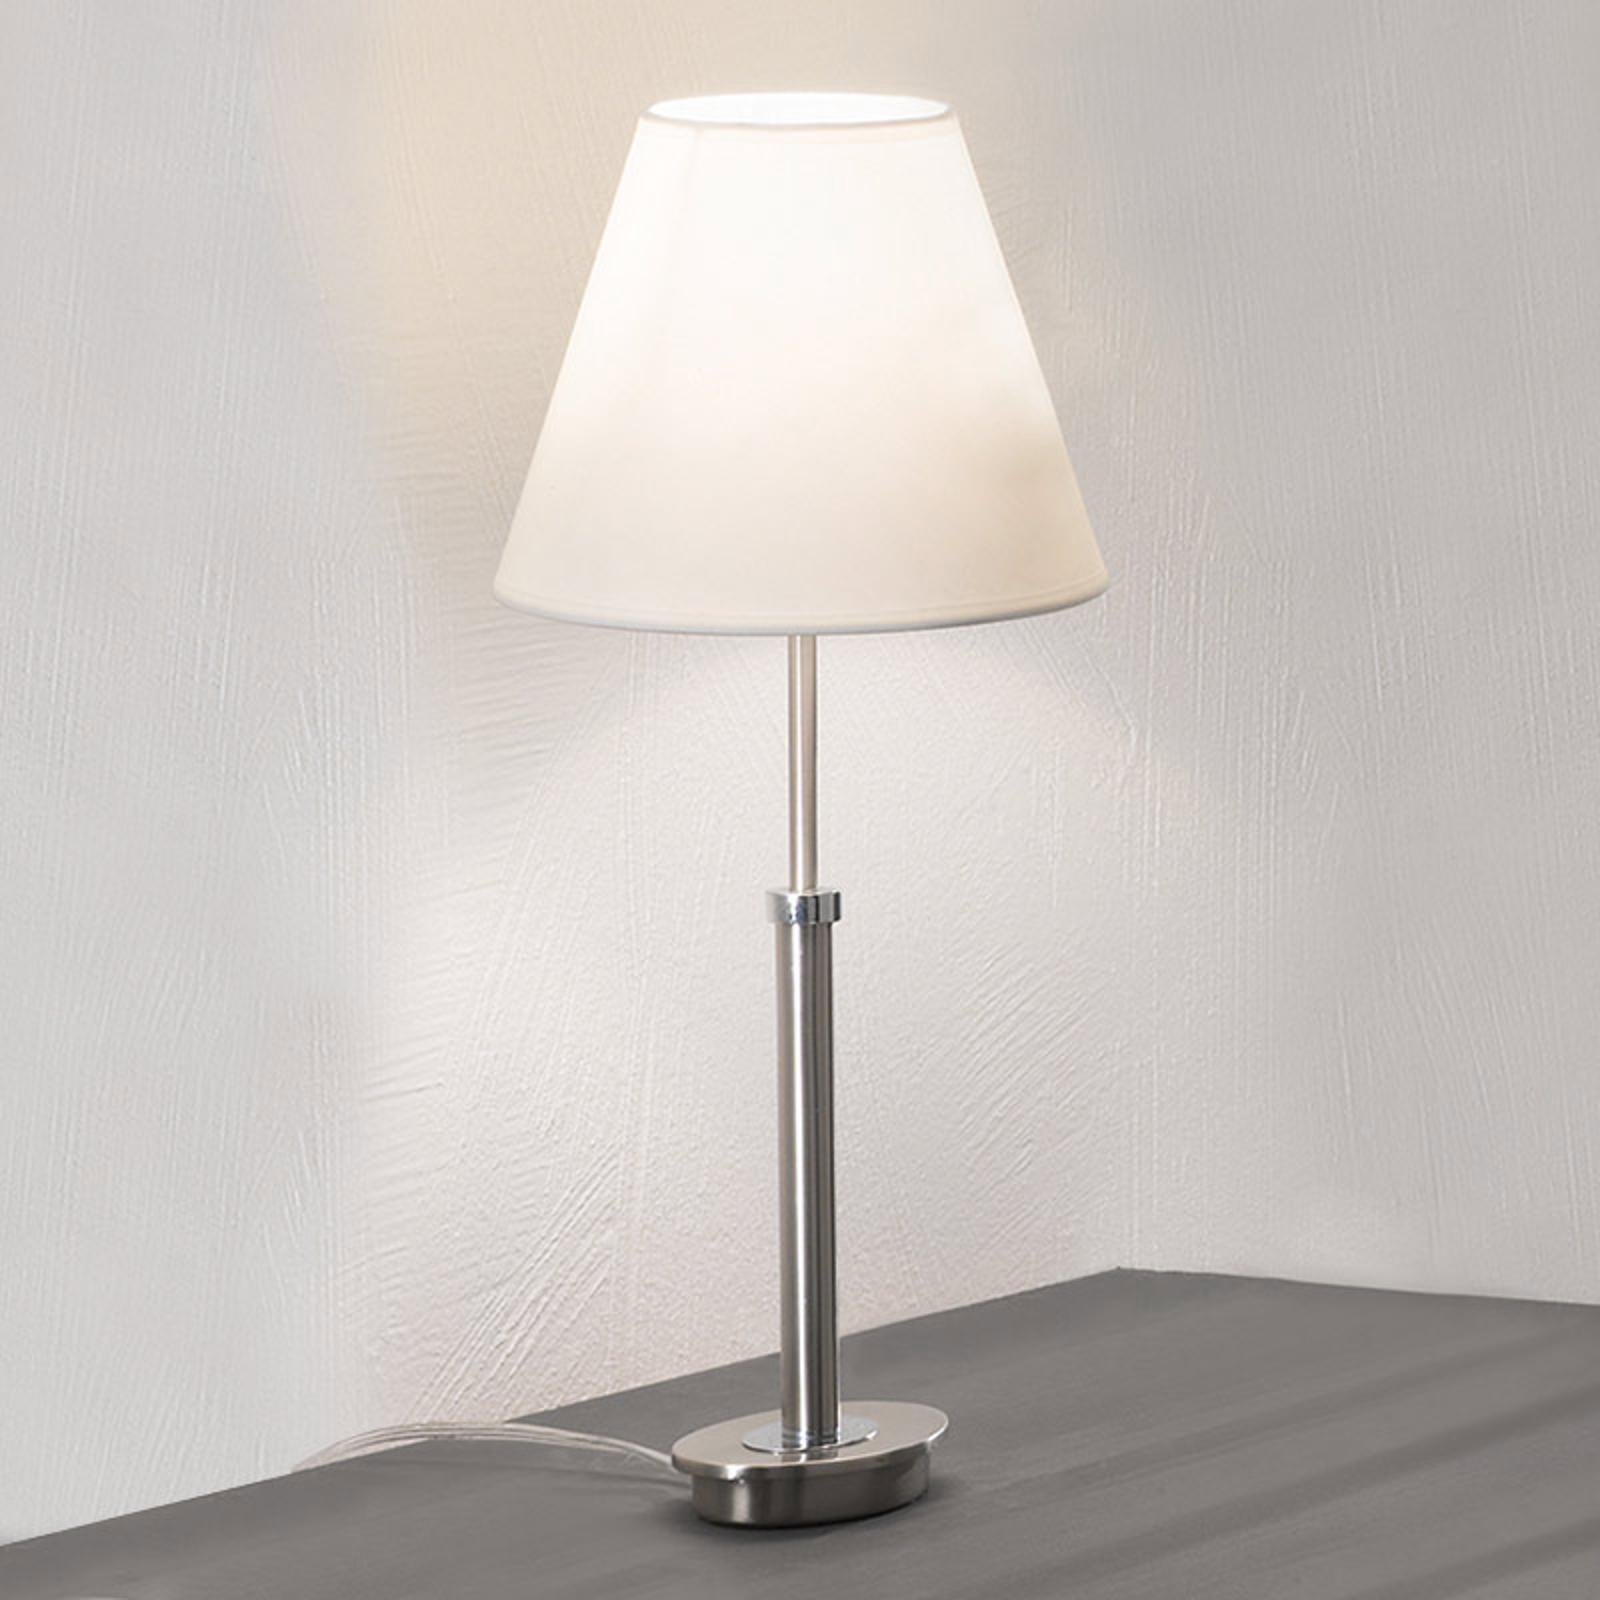 Nikkelen tafellamp Lilly met stoffen kap, 22 cm